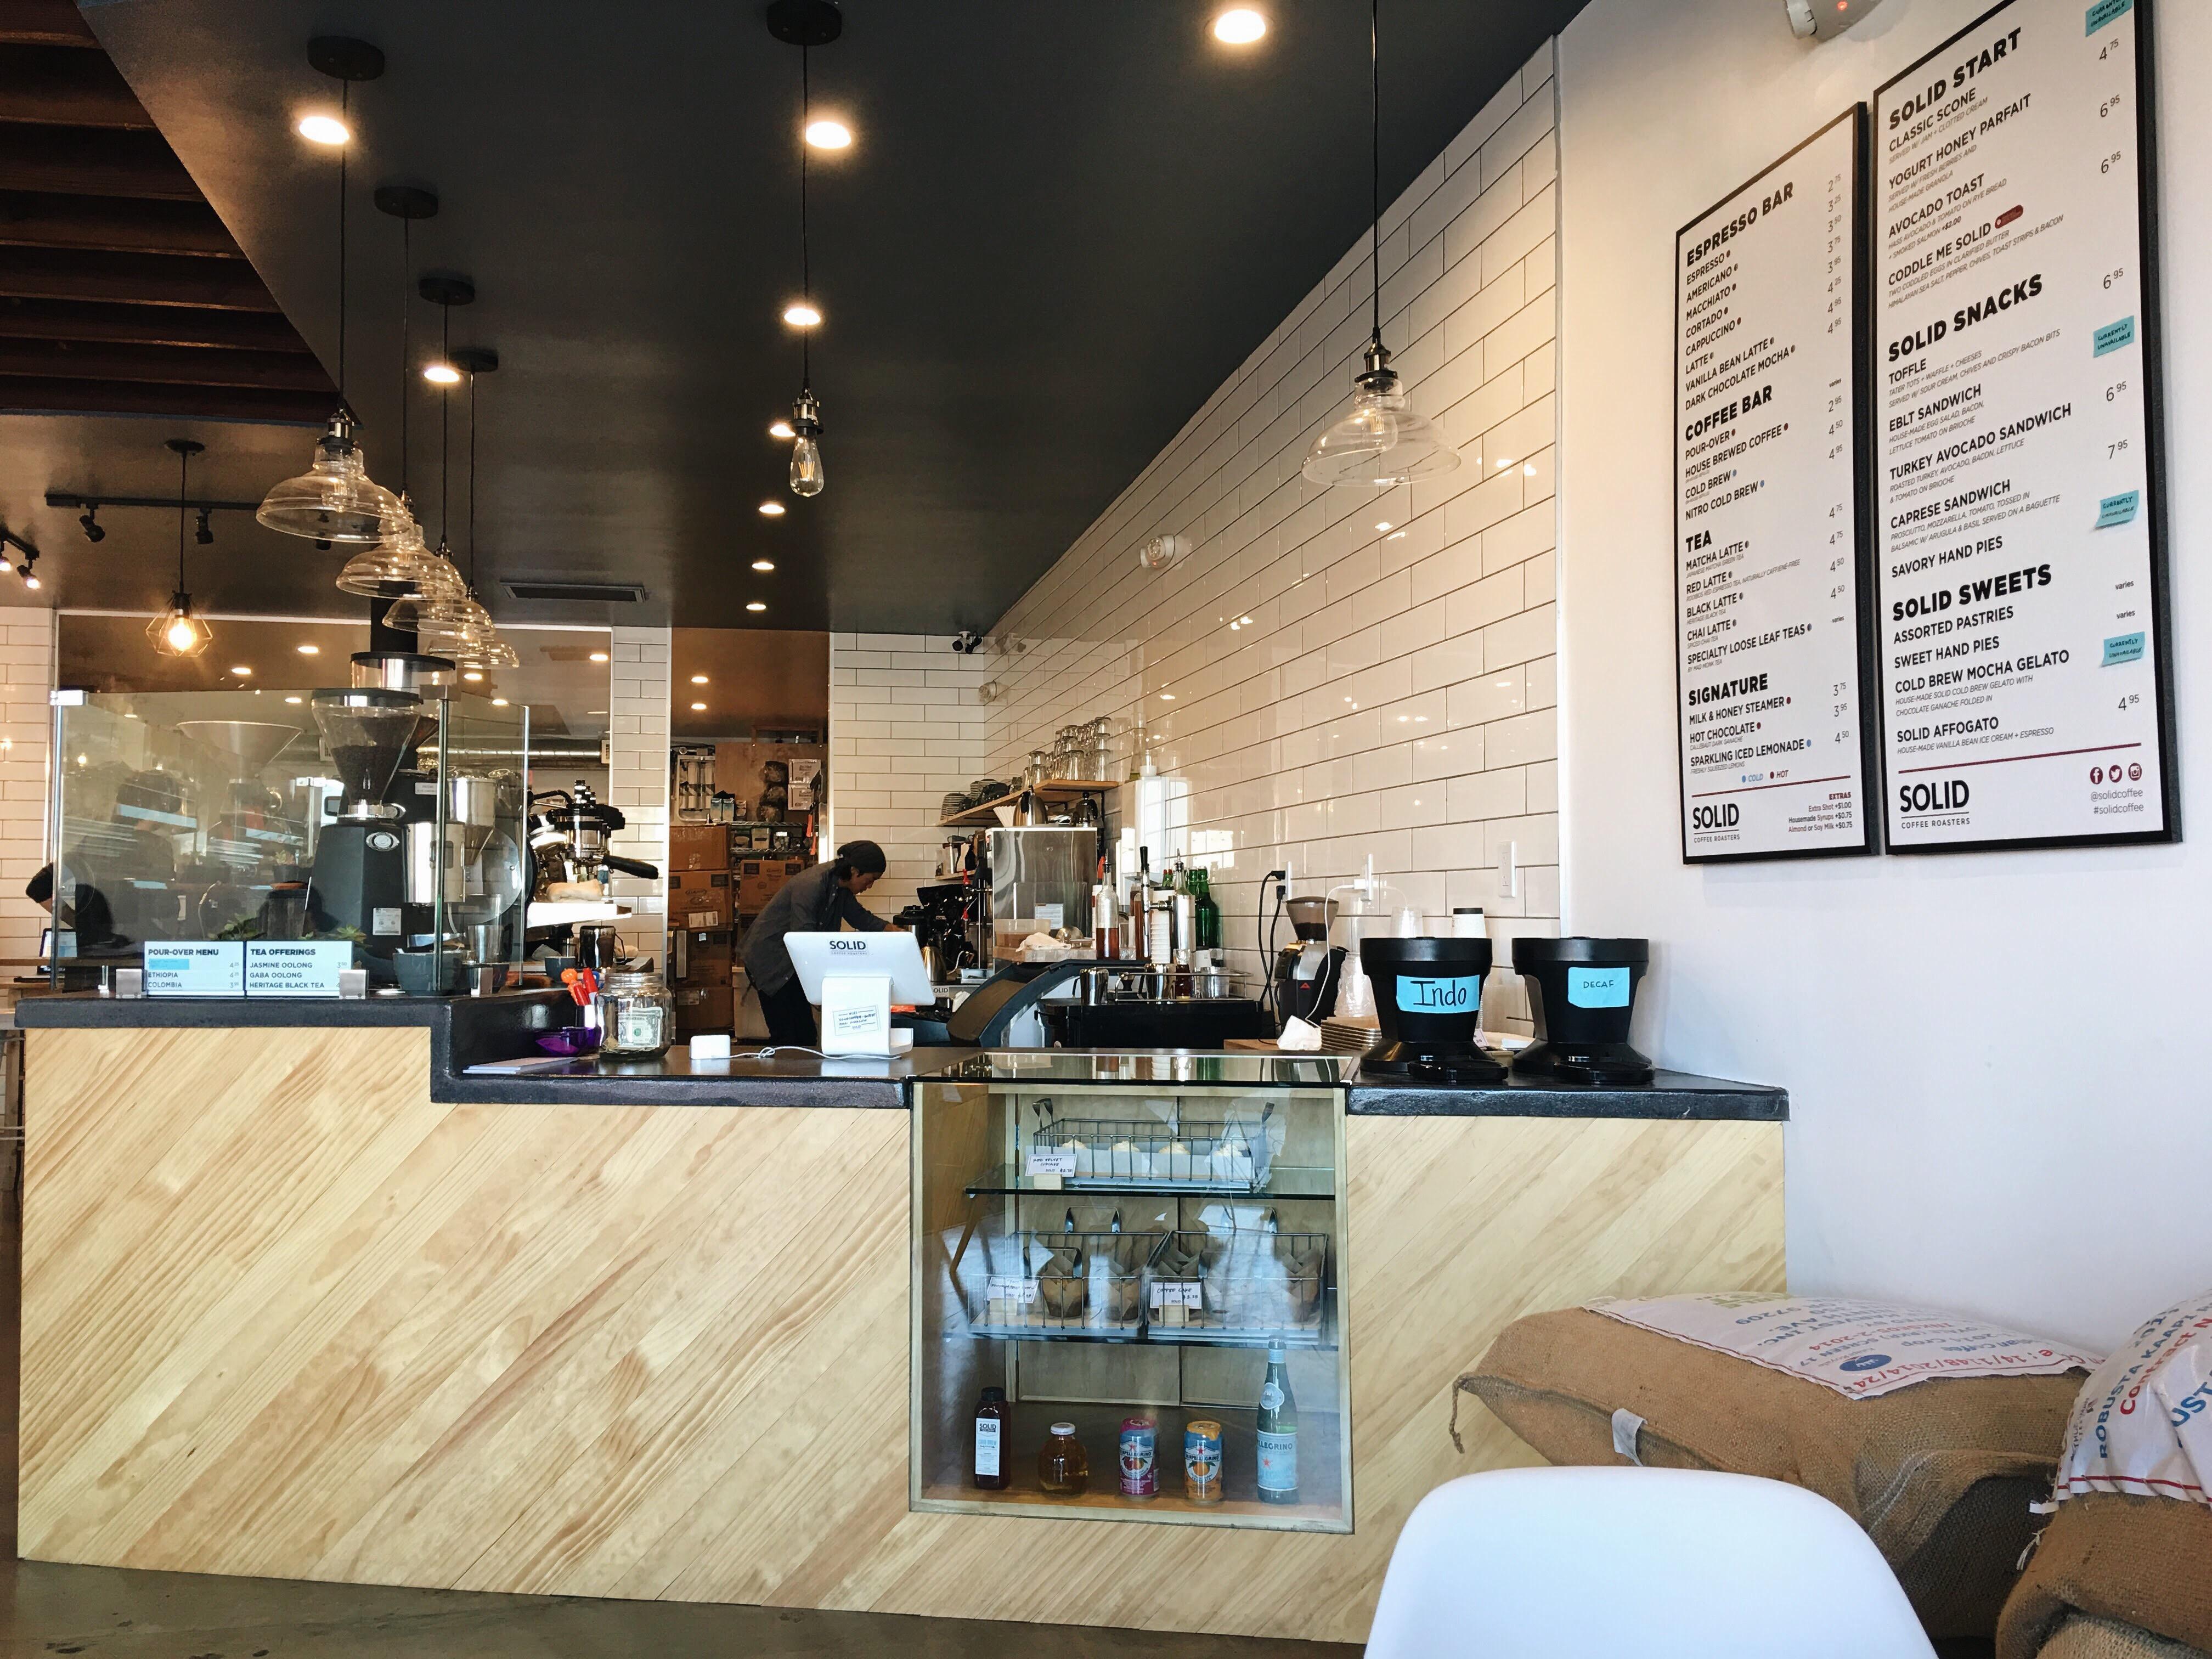 coffee roaster – Daily Coffee Run